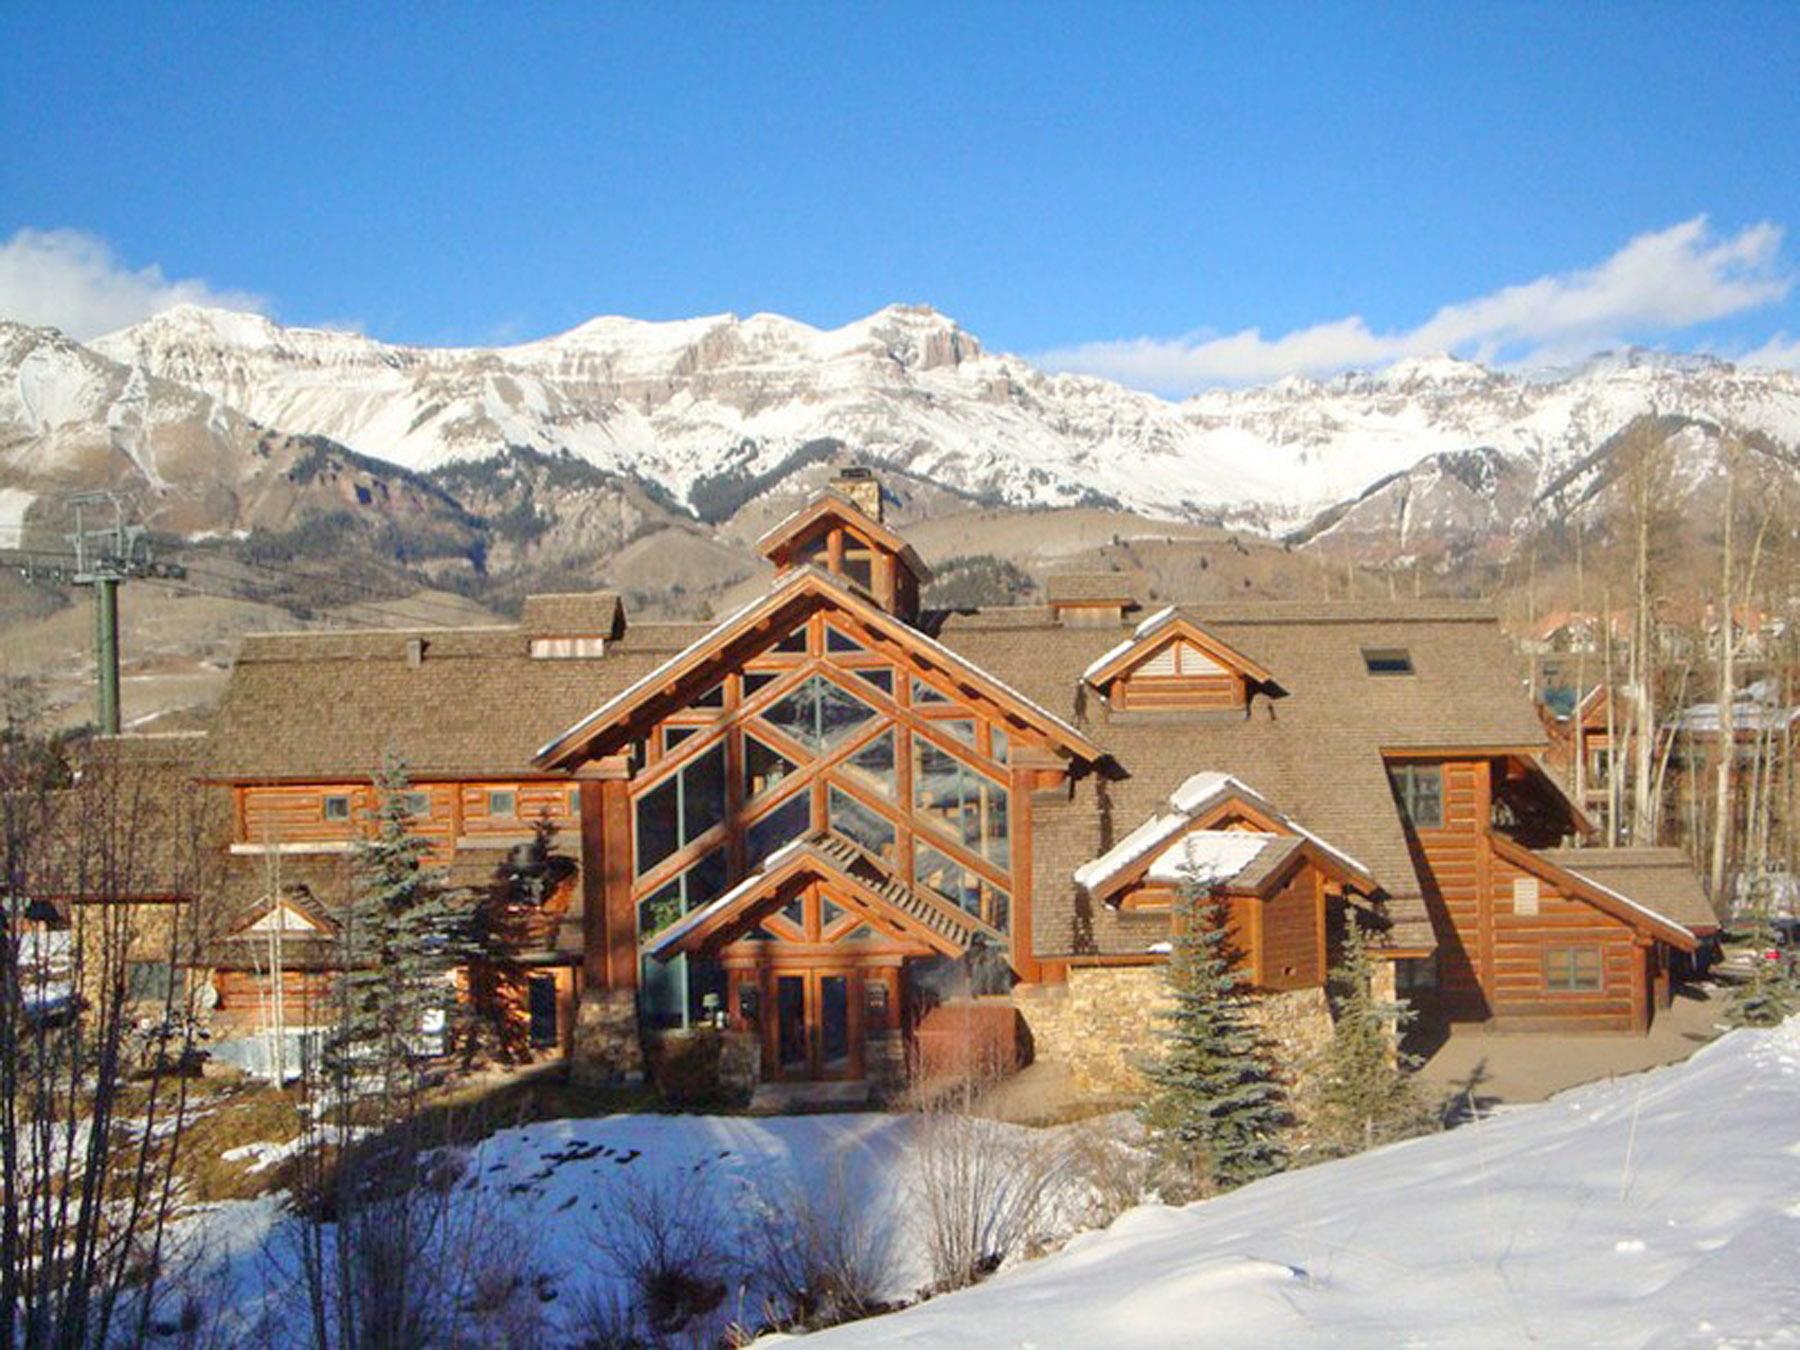 共管物業 為 出售 在 457 Mountain Village Blvd, Unit 2213 Telluride, 科羅拉多州 81435 美國